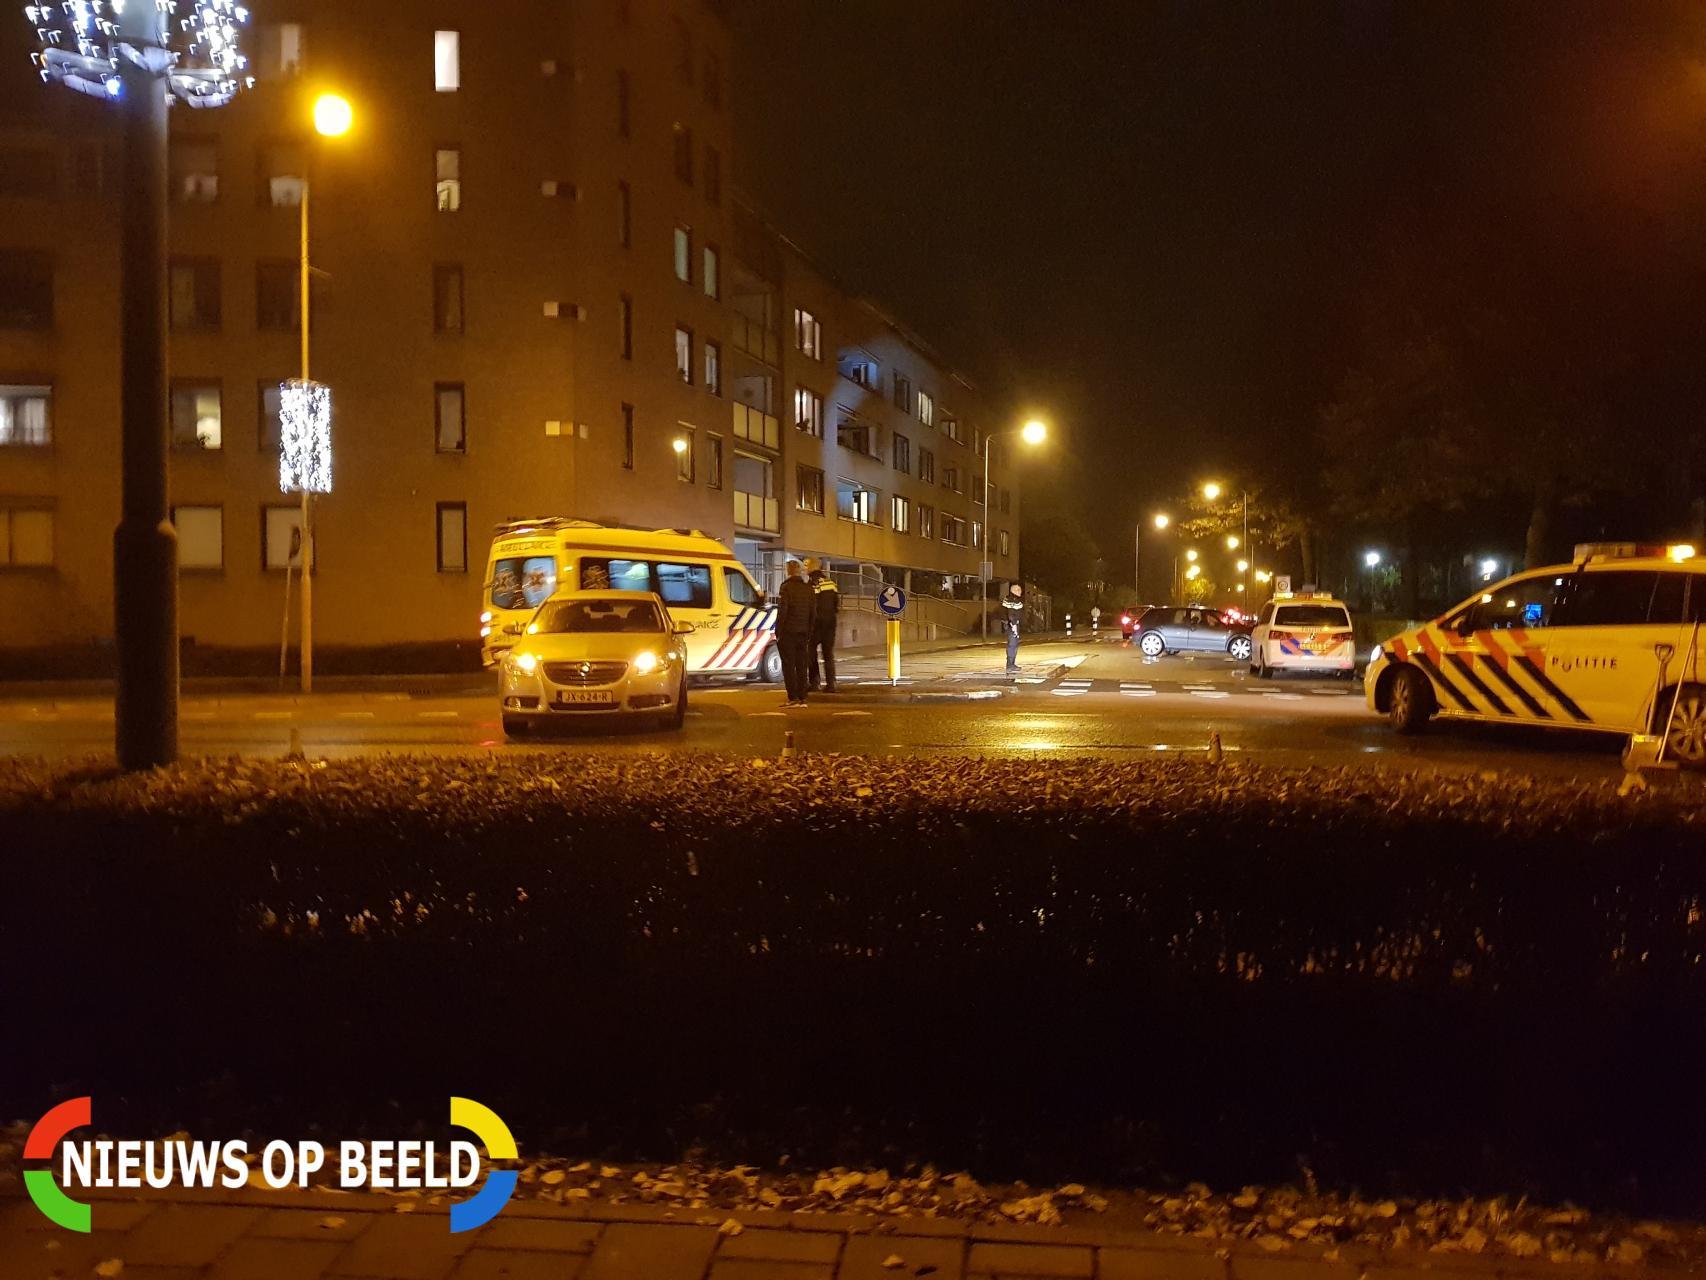 Scooterrijder gewond na aanrijding met auto Oude Broeksittarderweg Sittard